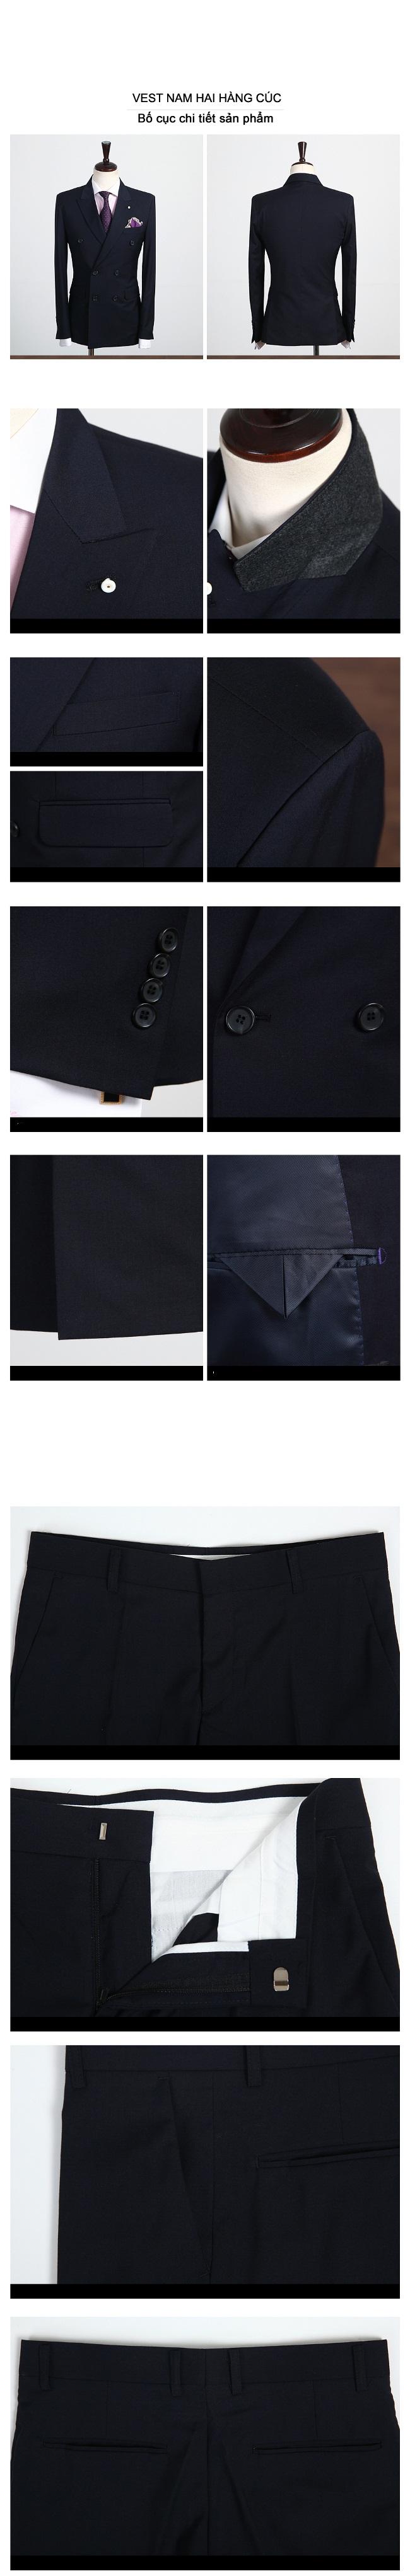 áo vest nam 2 hàng cúc 1